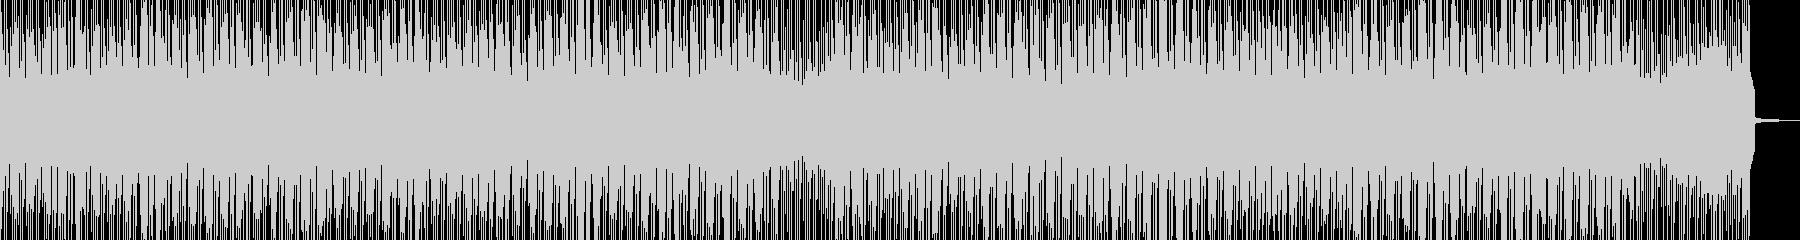 楽しい日々を軽快に彩るエレキポップス Aの未再生の波形